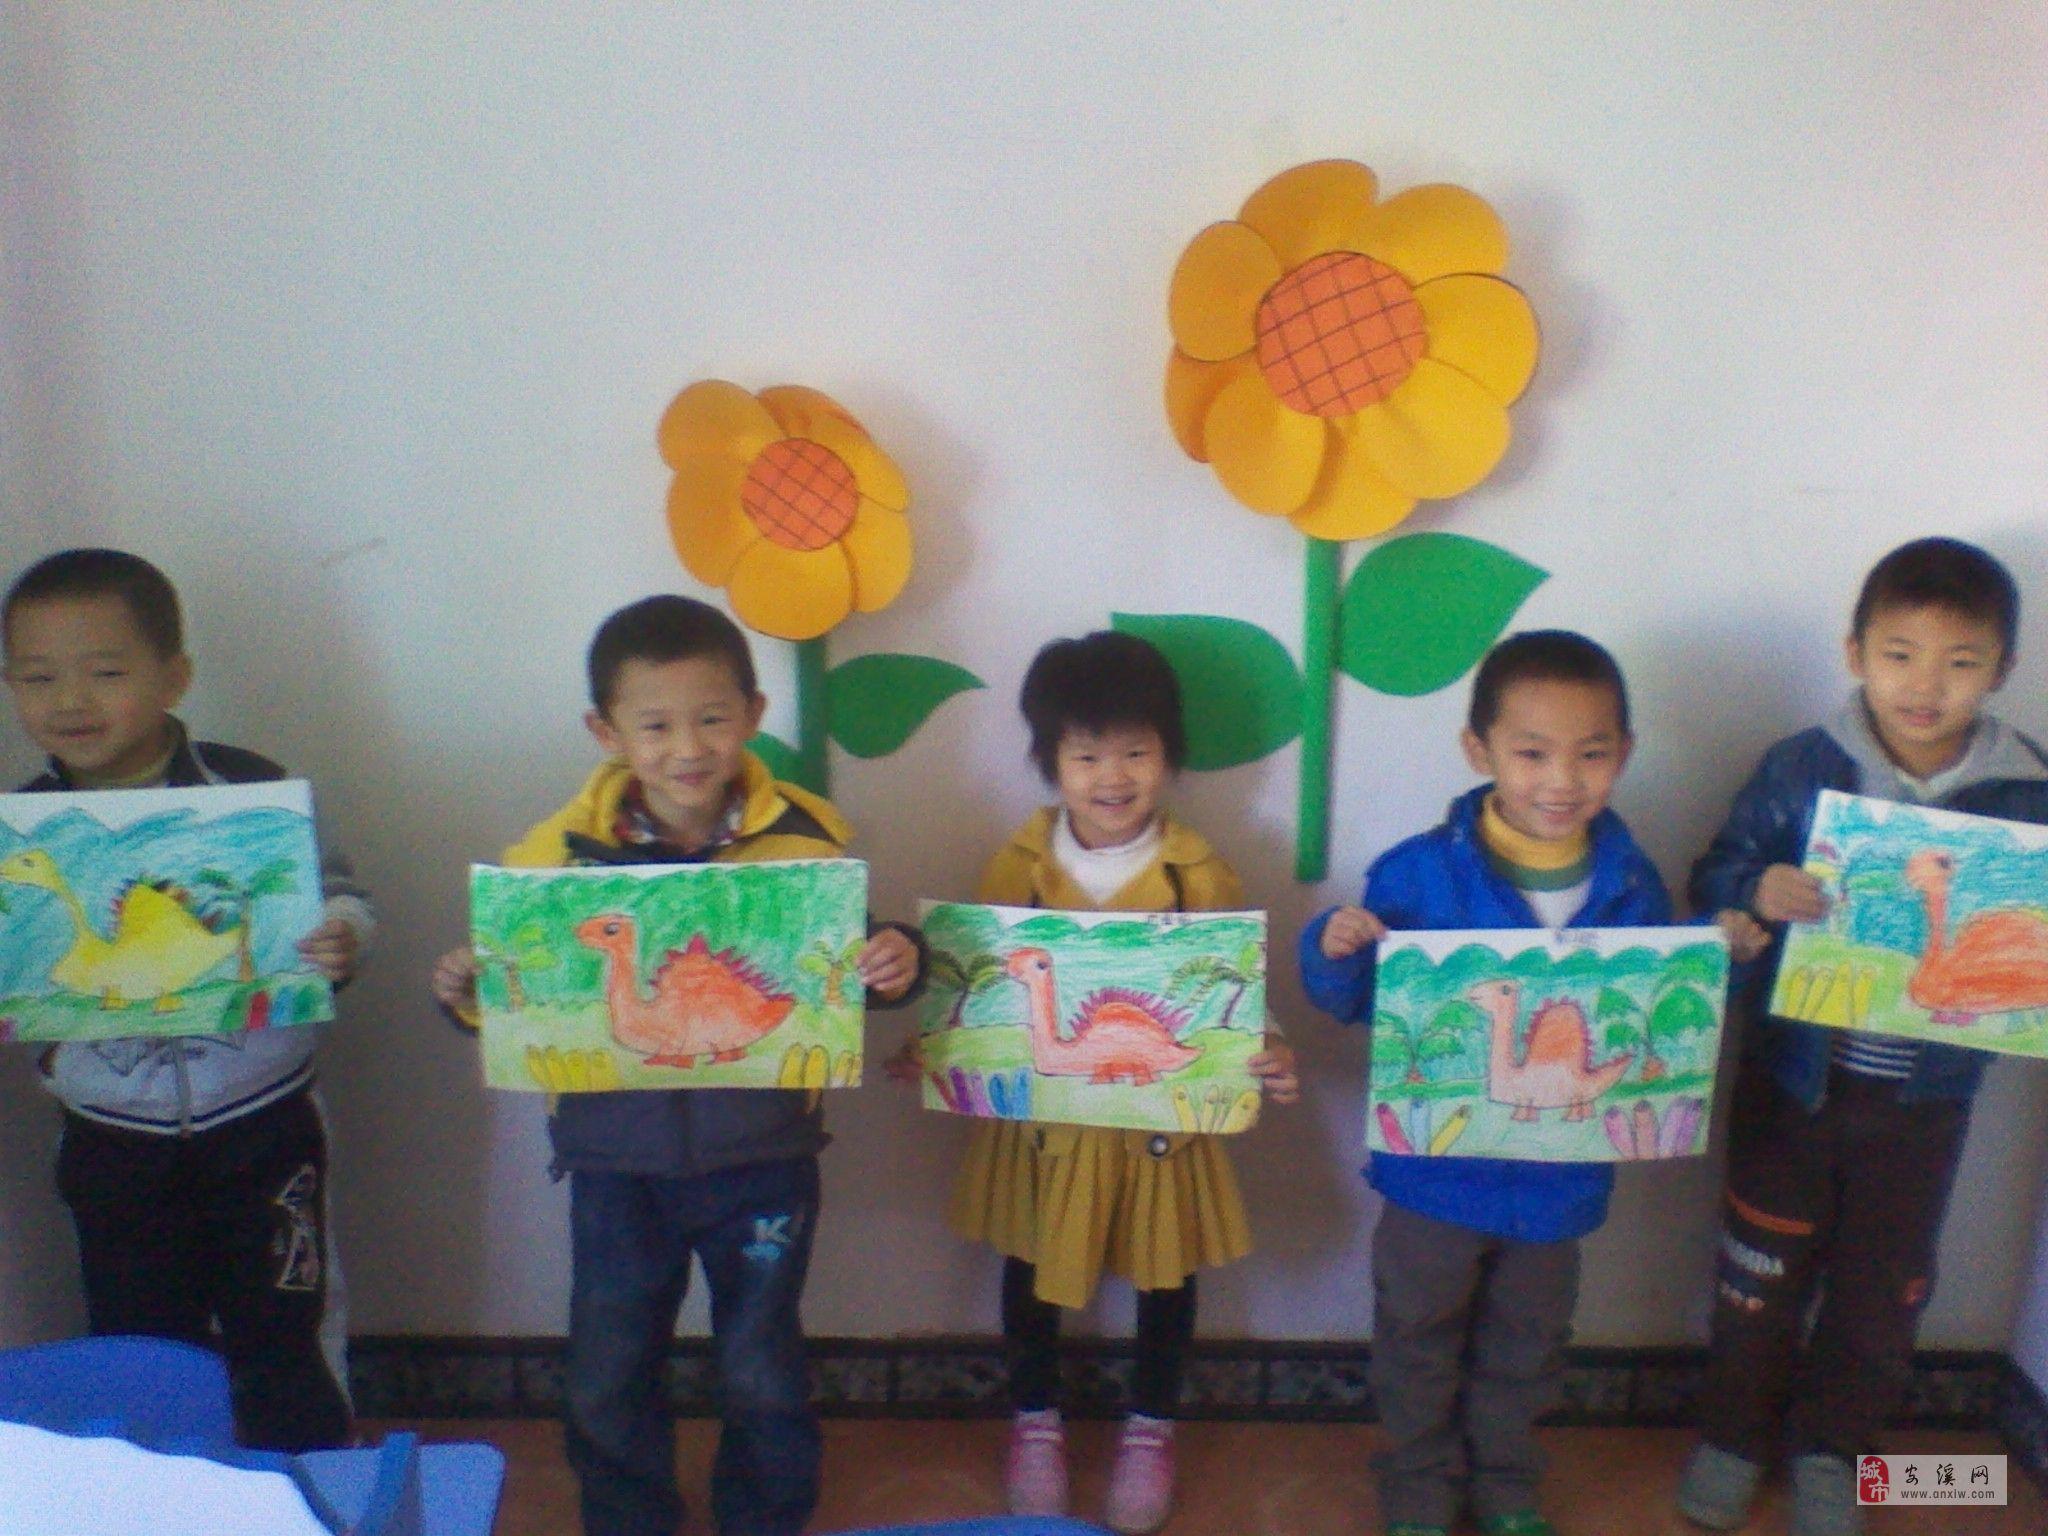 华歌艺术中心 专业培训钢琴、少儿绘画